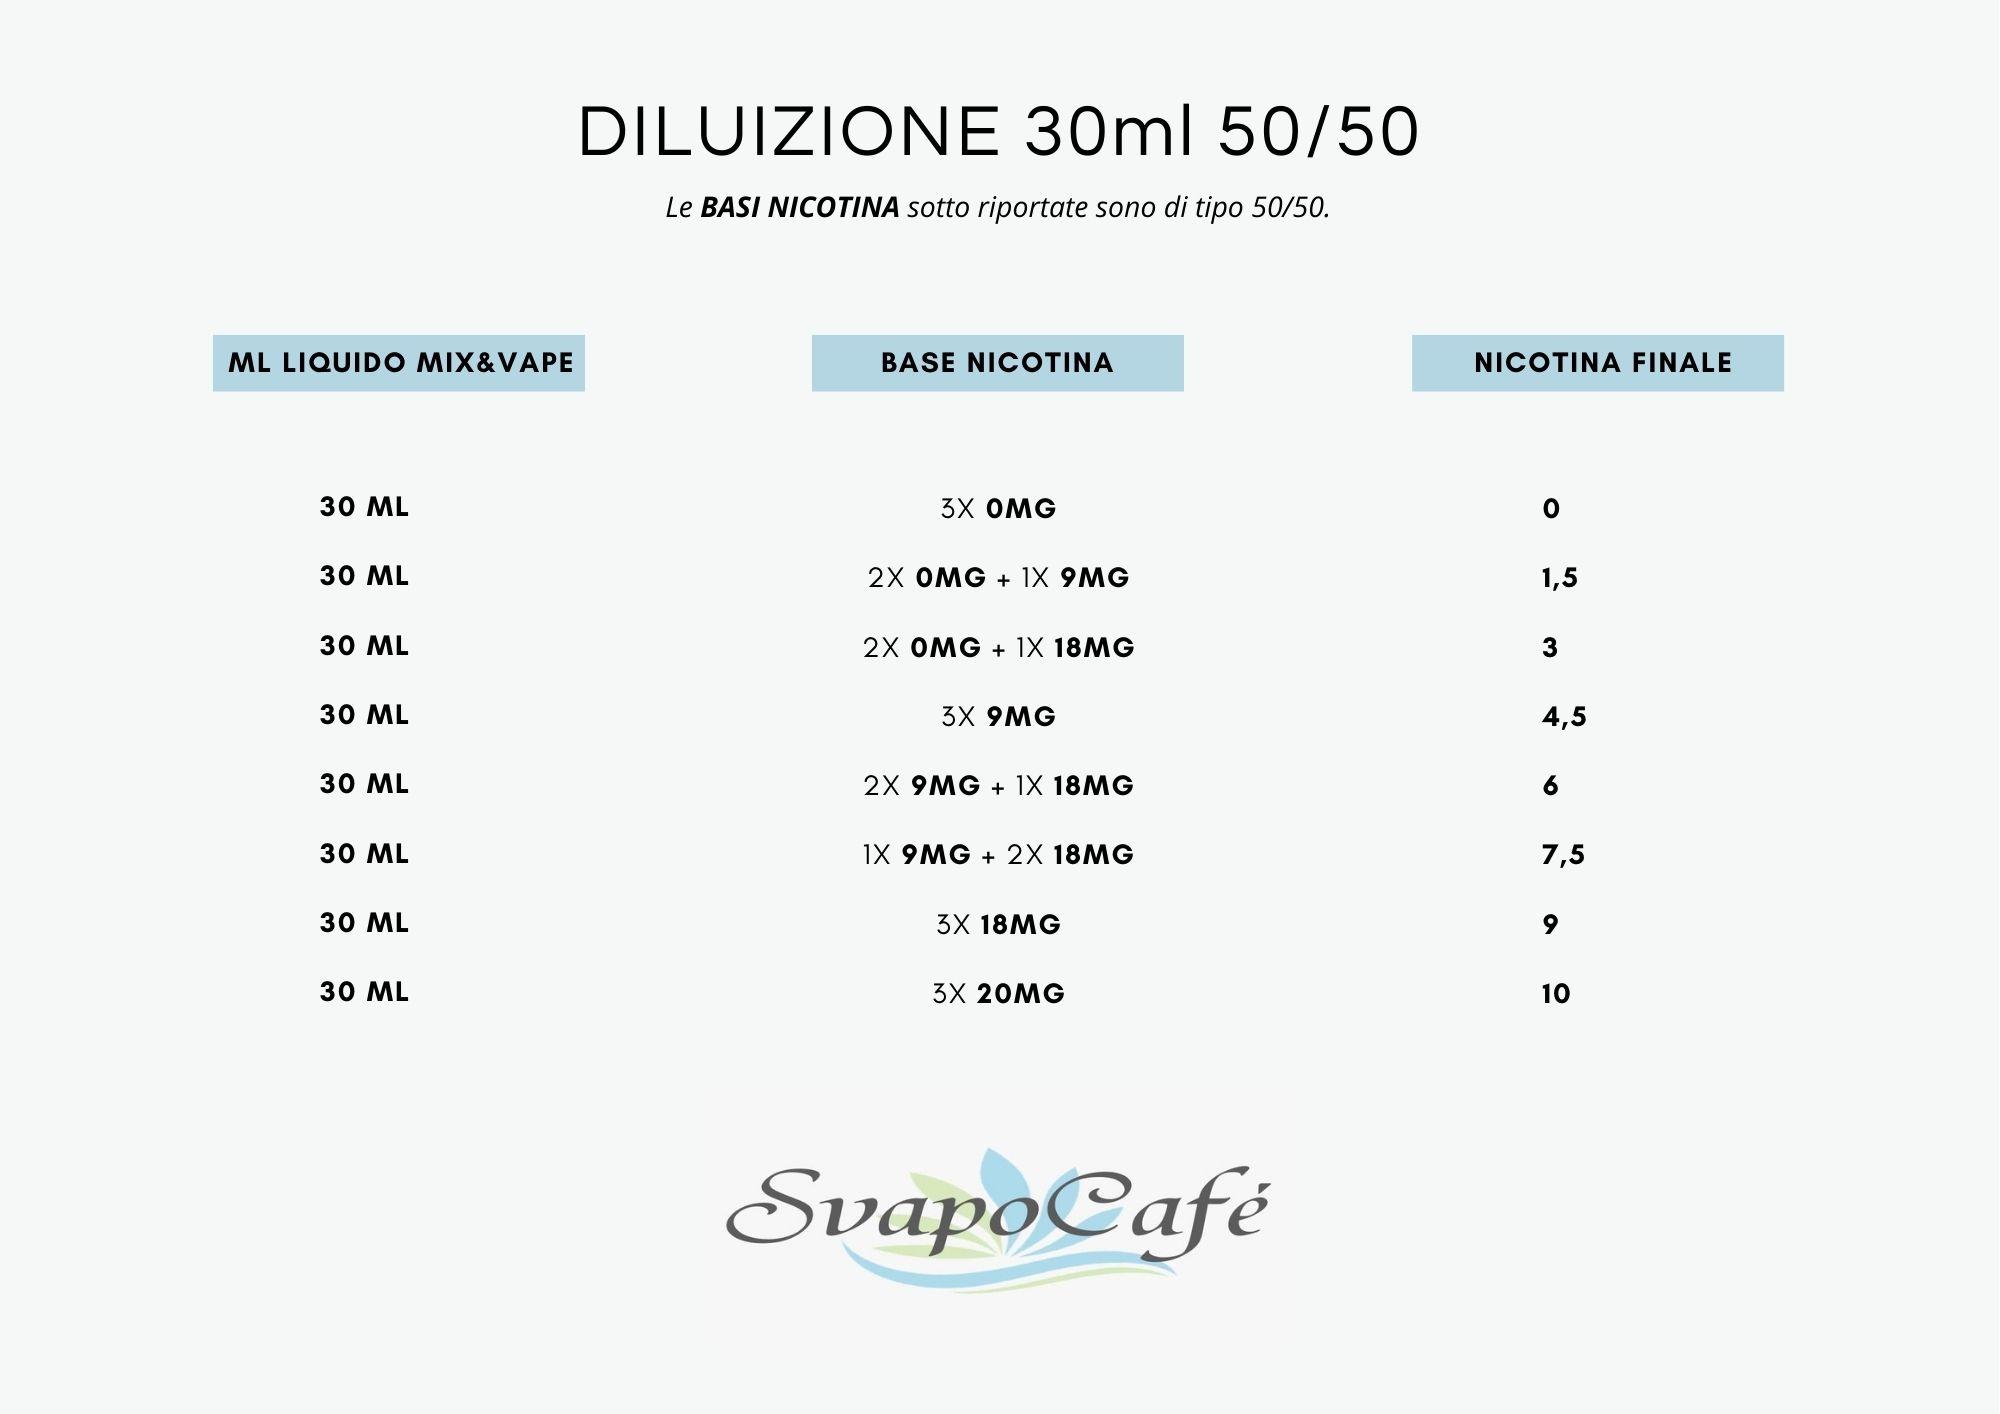 DILUIZIONE 30ml 50_50.jpg